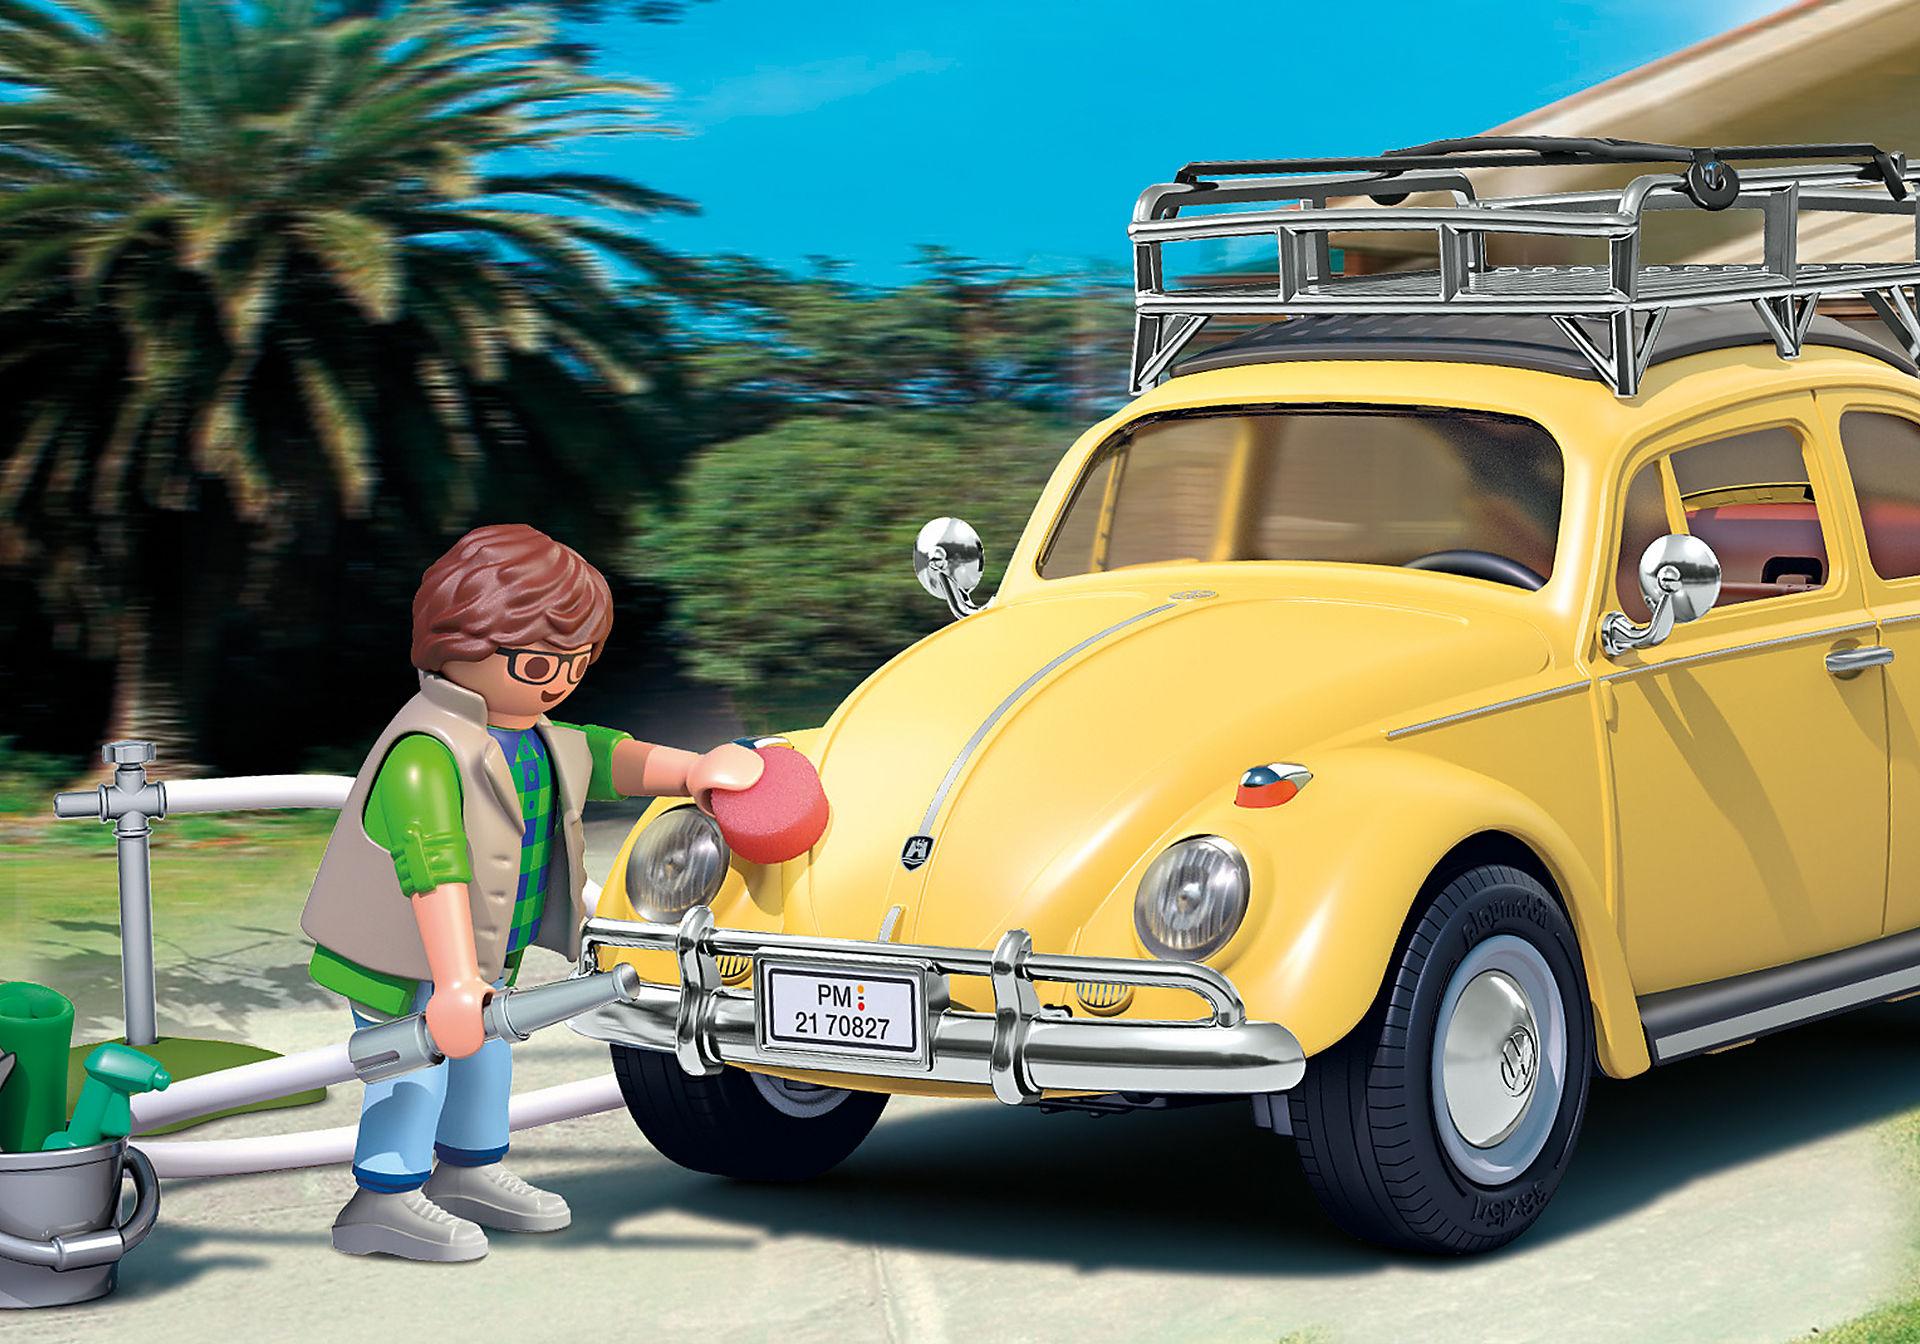 70827 Volkswagen Käfer - Special Edition zoom image7